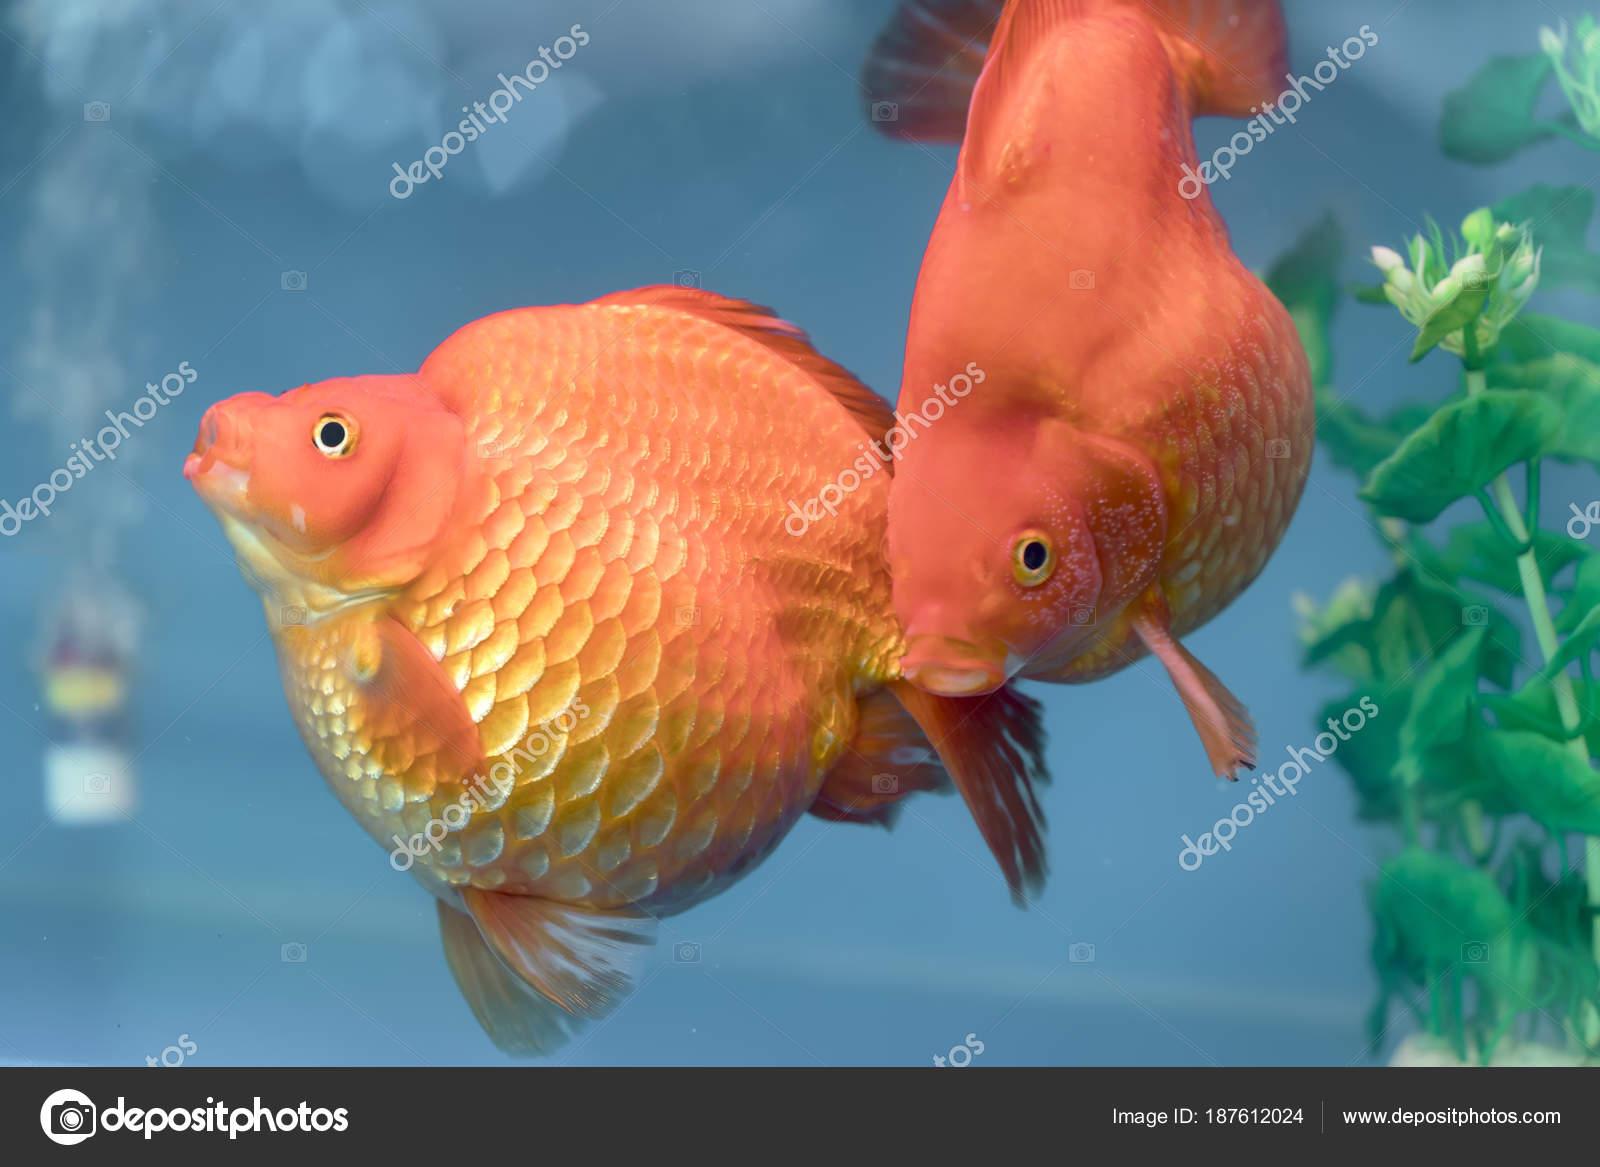 Uno los peces ornamentales m s populares goldfish for Acuariofilia peces ornamentales